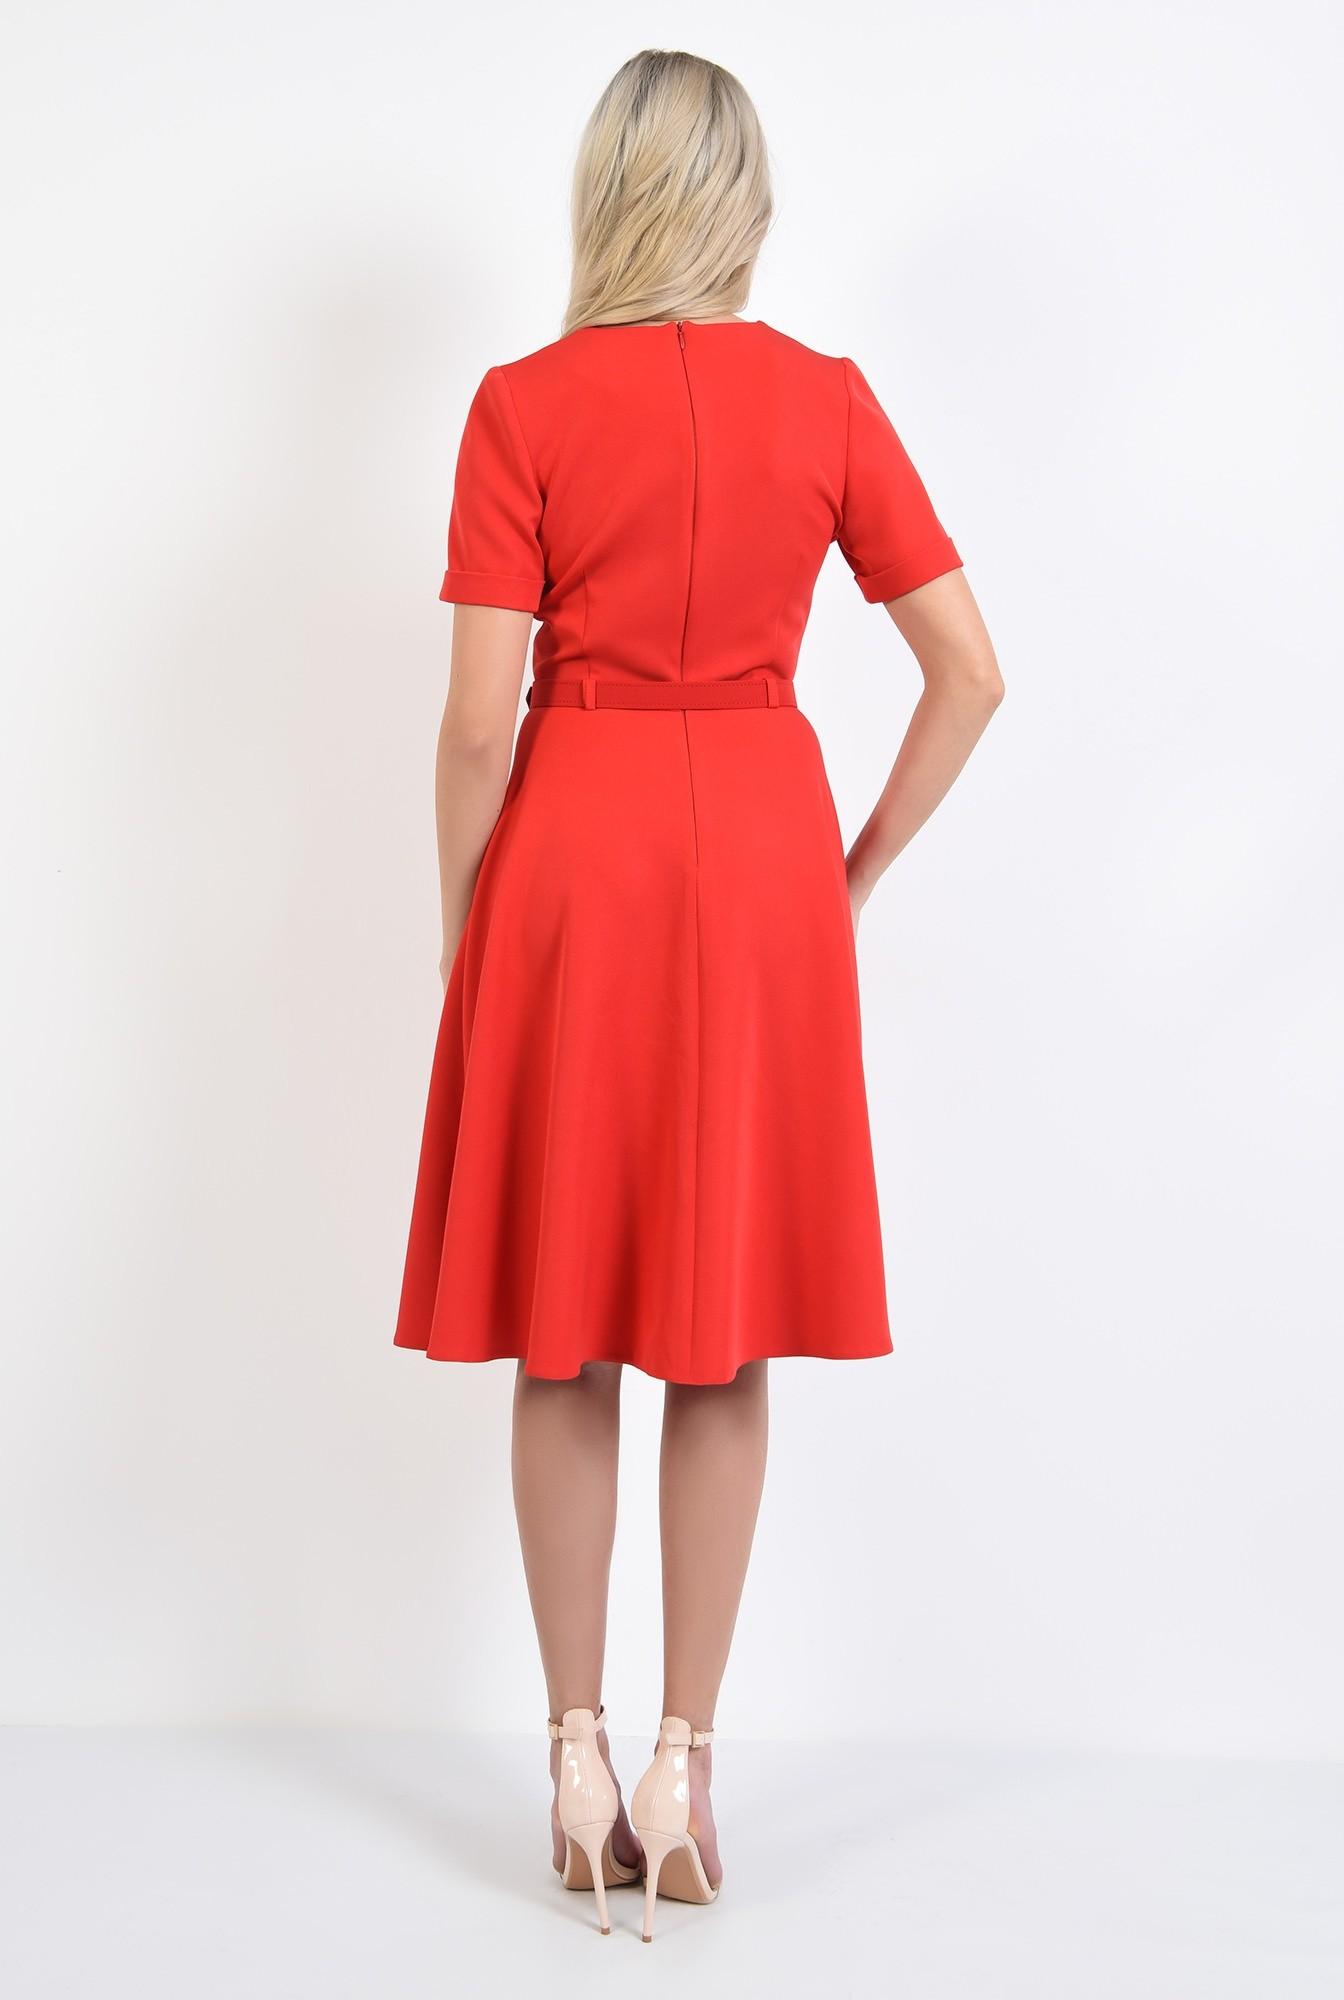 1 - rochie office, rosie, evazata, cu maneci scurte, fermoar la spate